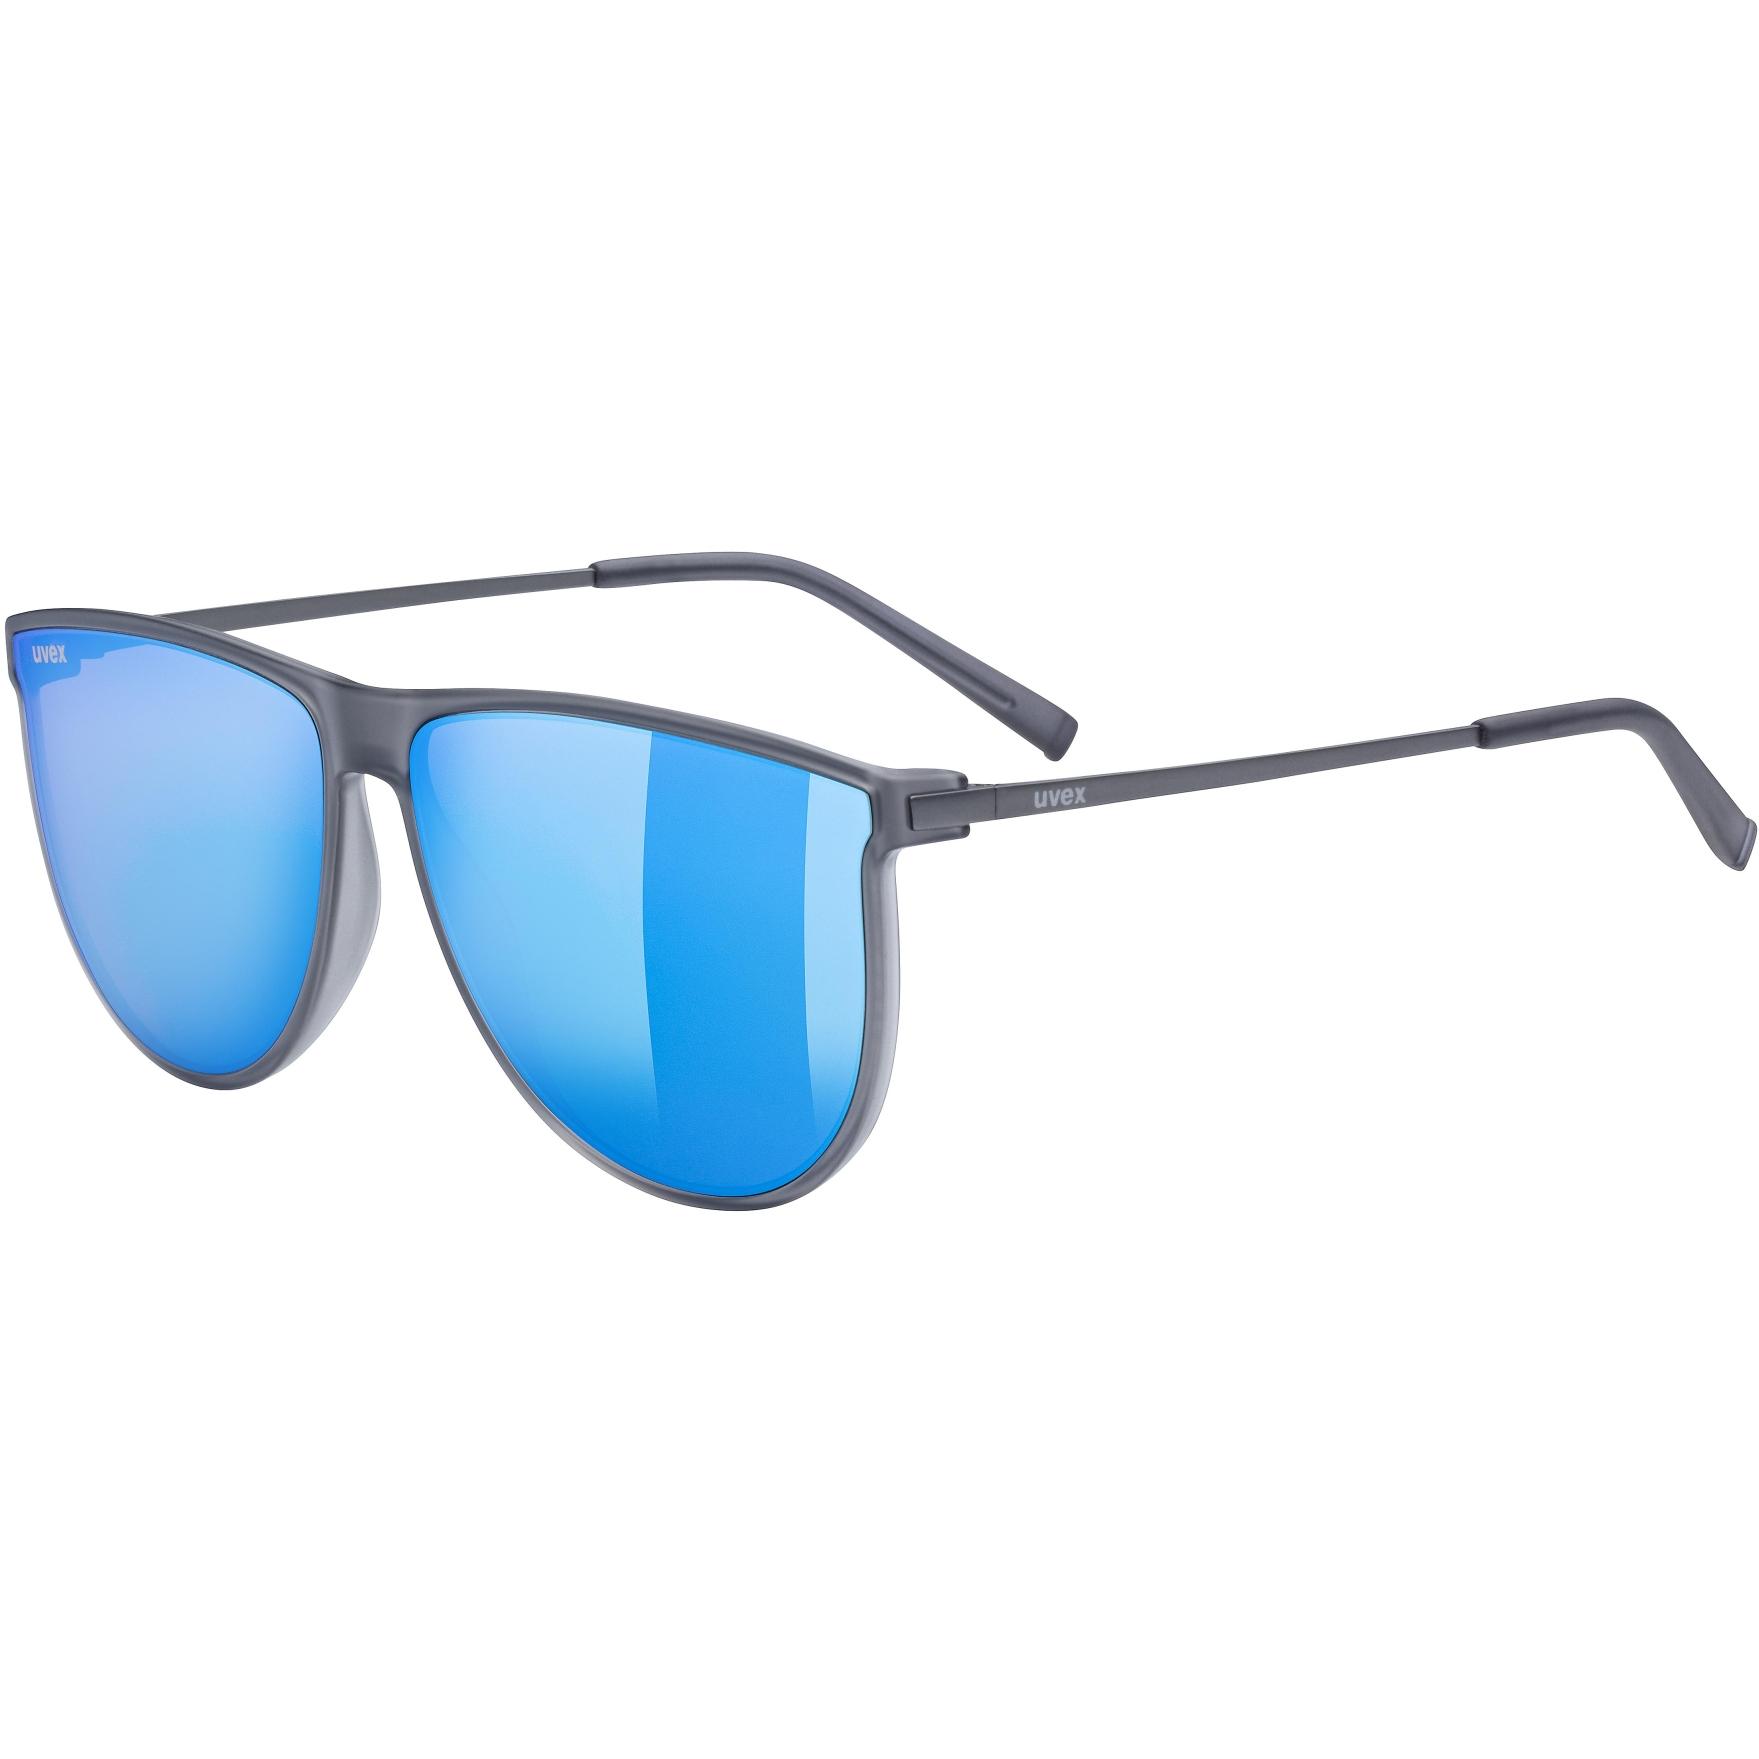 Bild von Uvex lgl 47 Brille - smoke mat/mirror blue